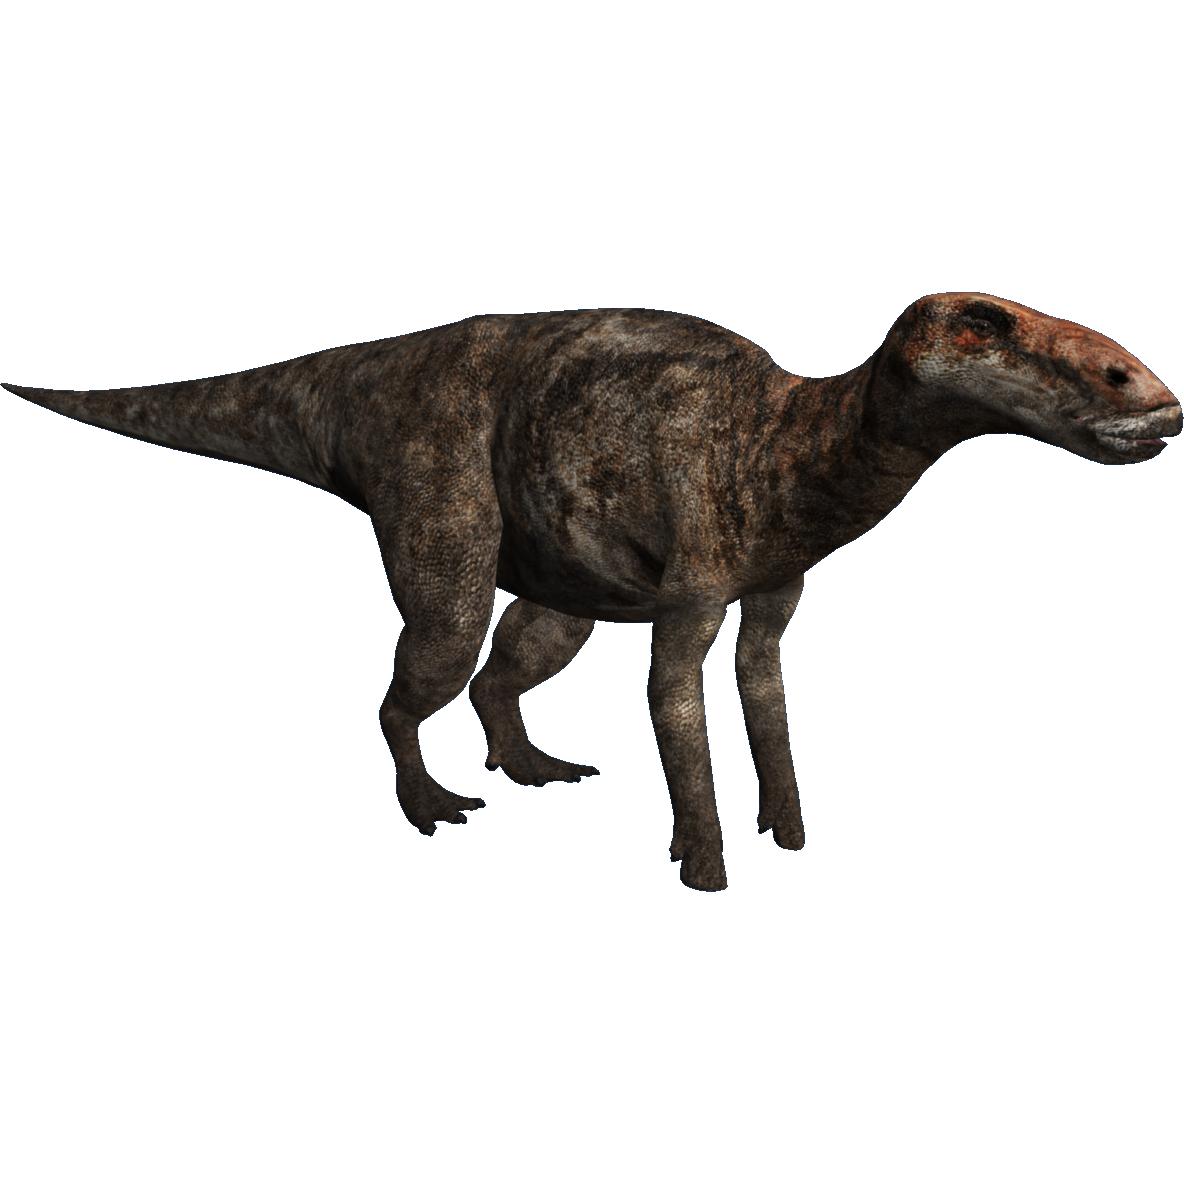 edmontosaurus dinosaur king - photo #28